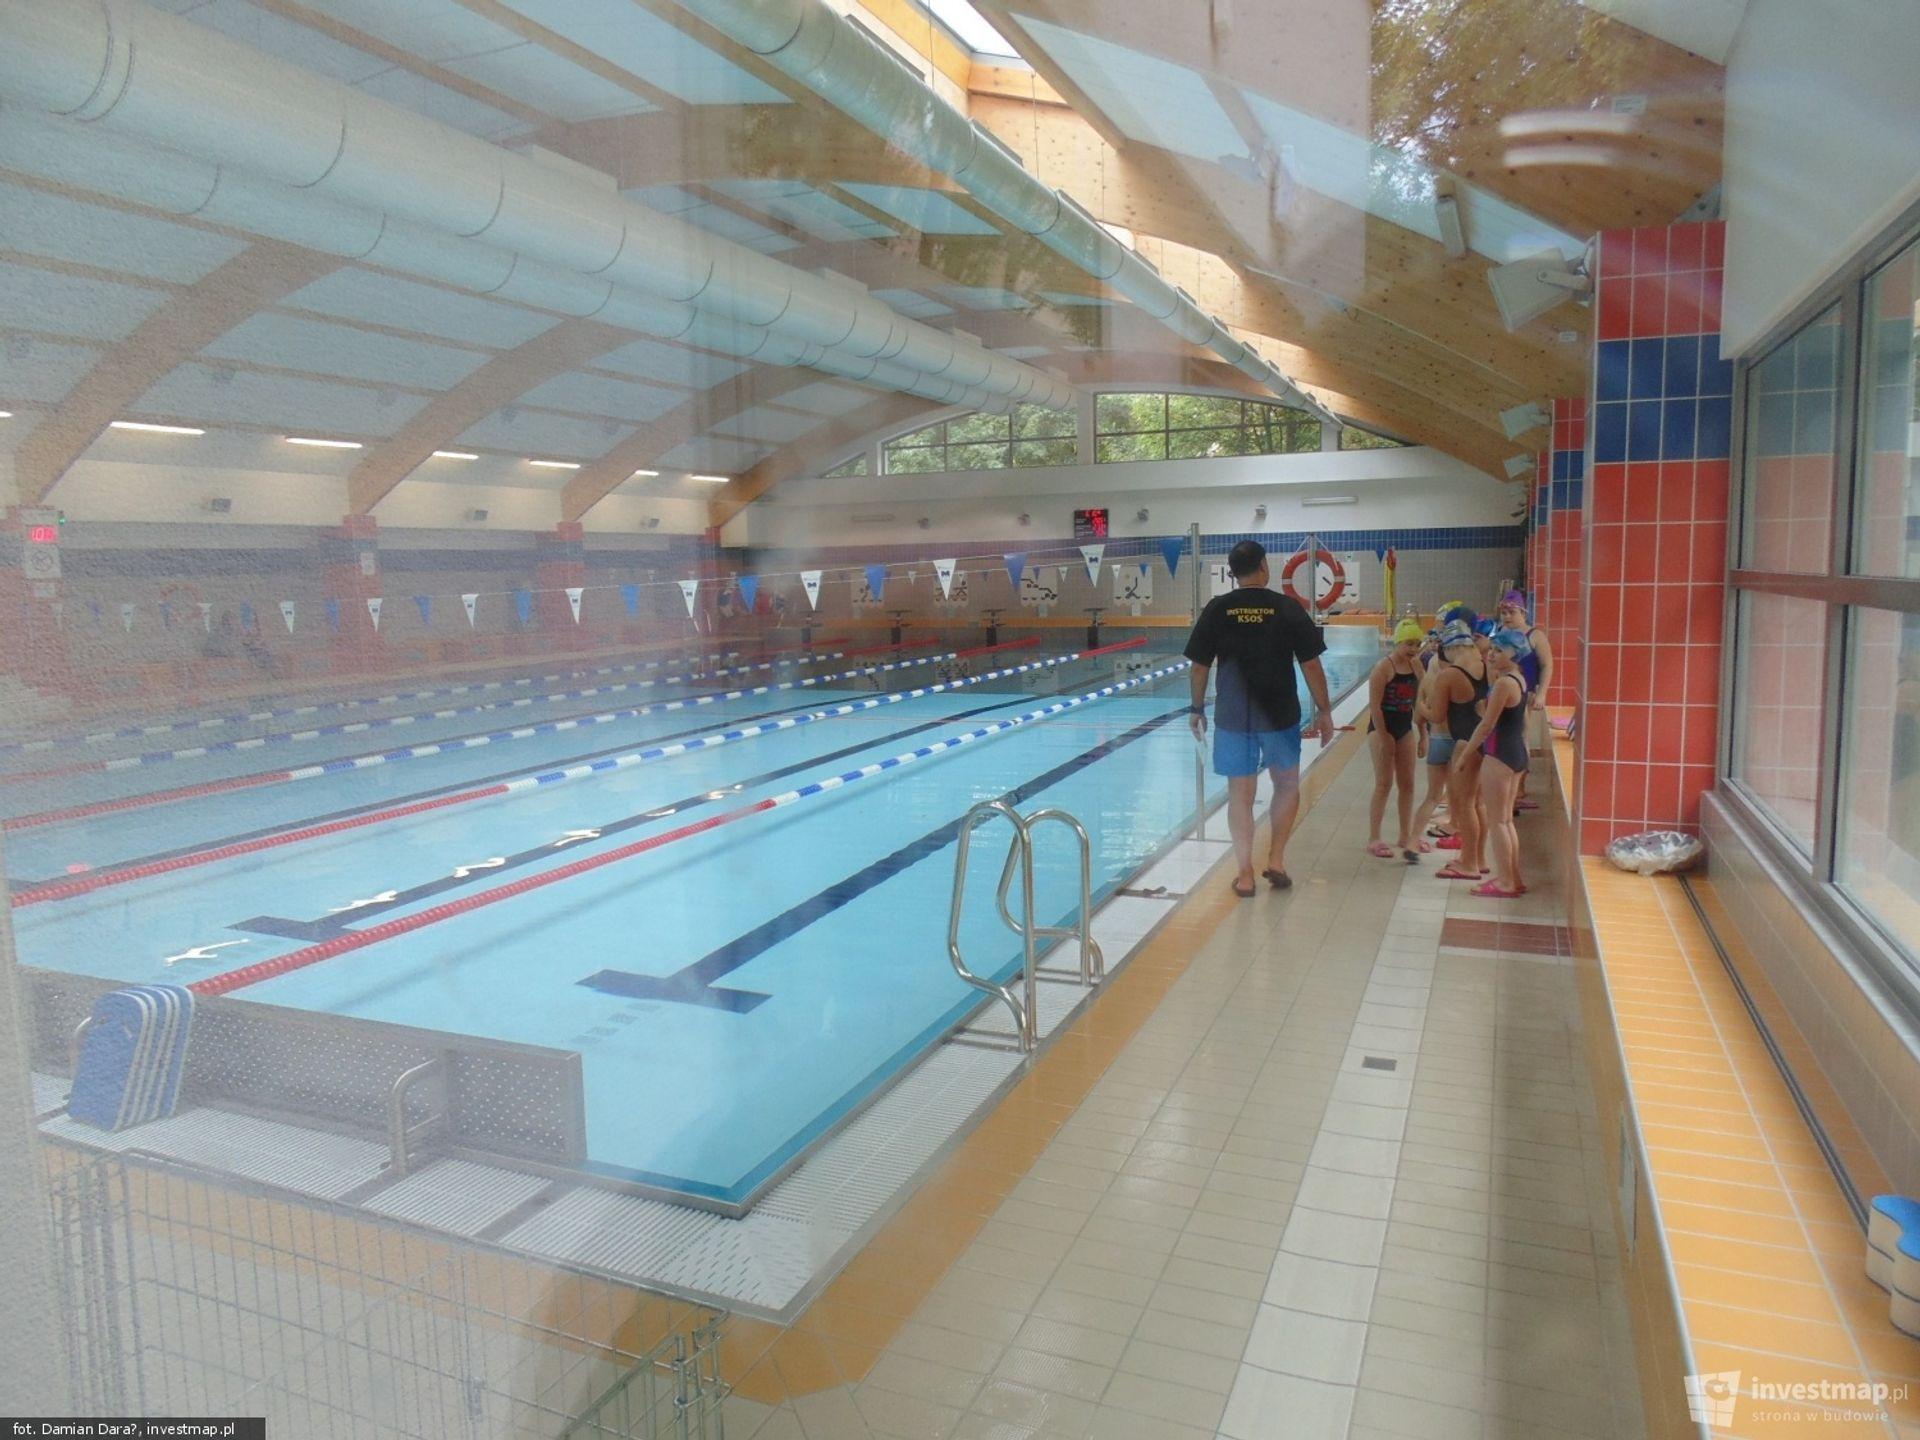 [Kraków] Za kilka lat pływacy olimpijscy potrenują w Krakowie